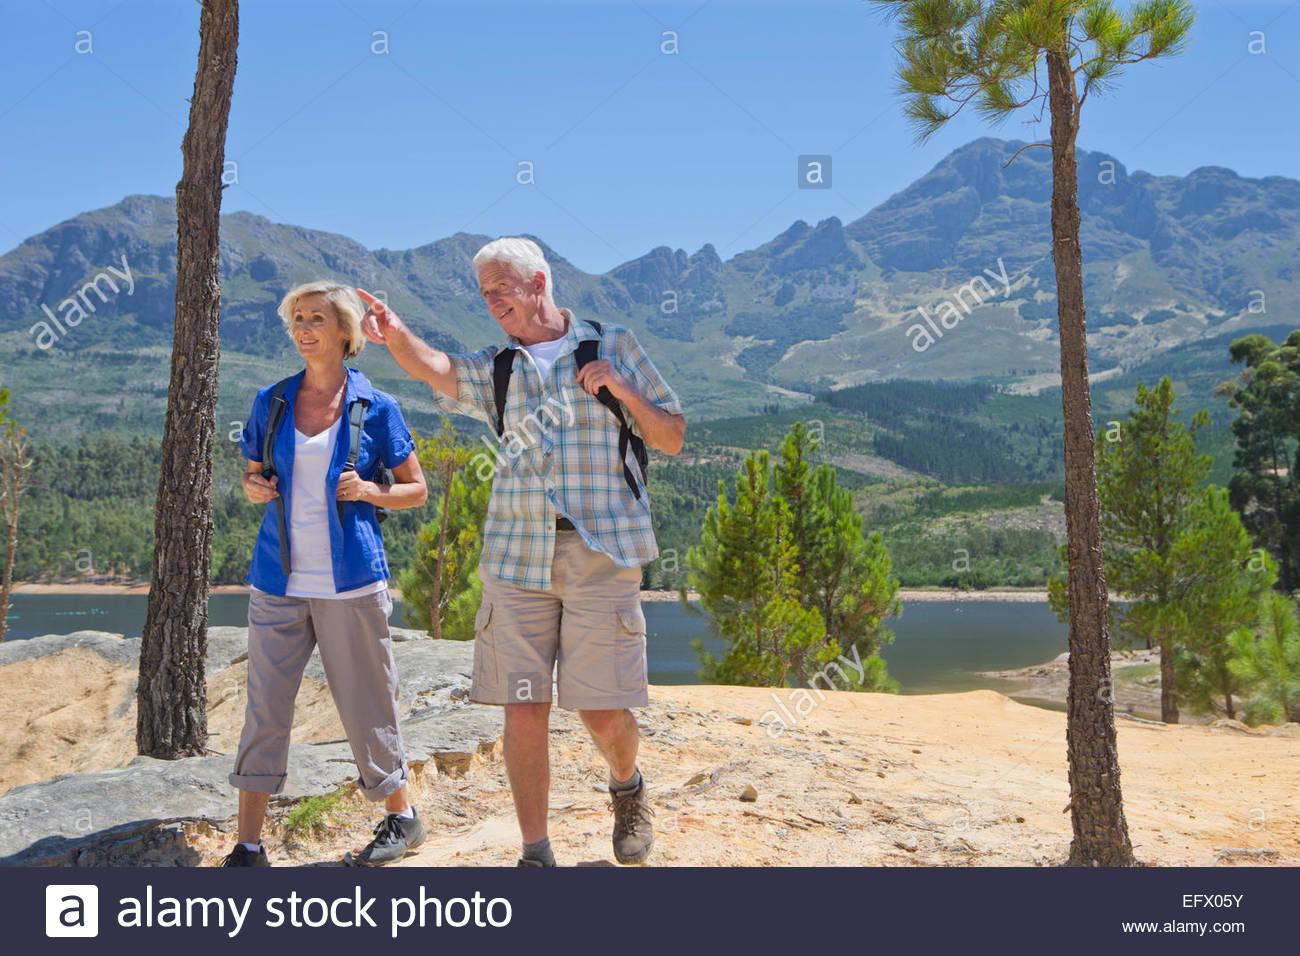 Senior couple hiking on mountain path next to lake - Stock Image